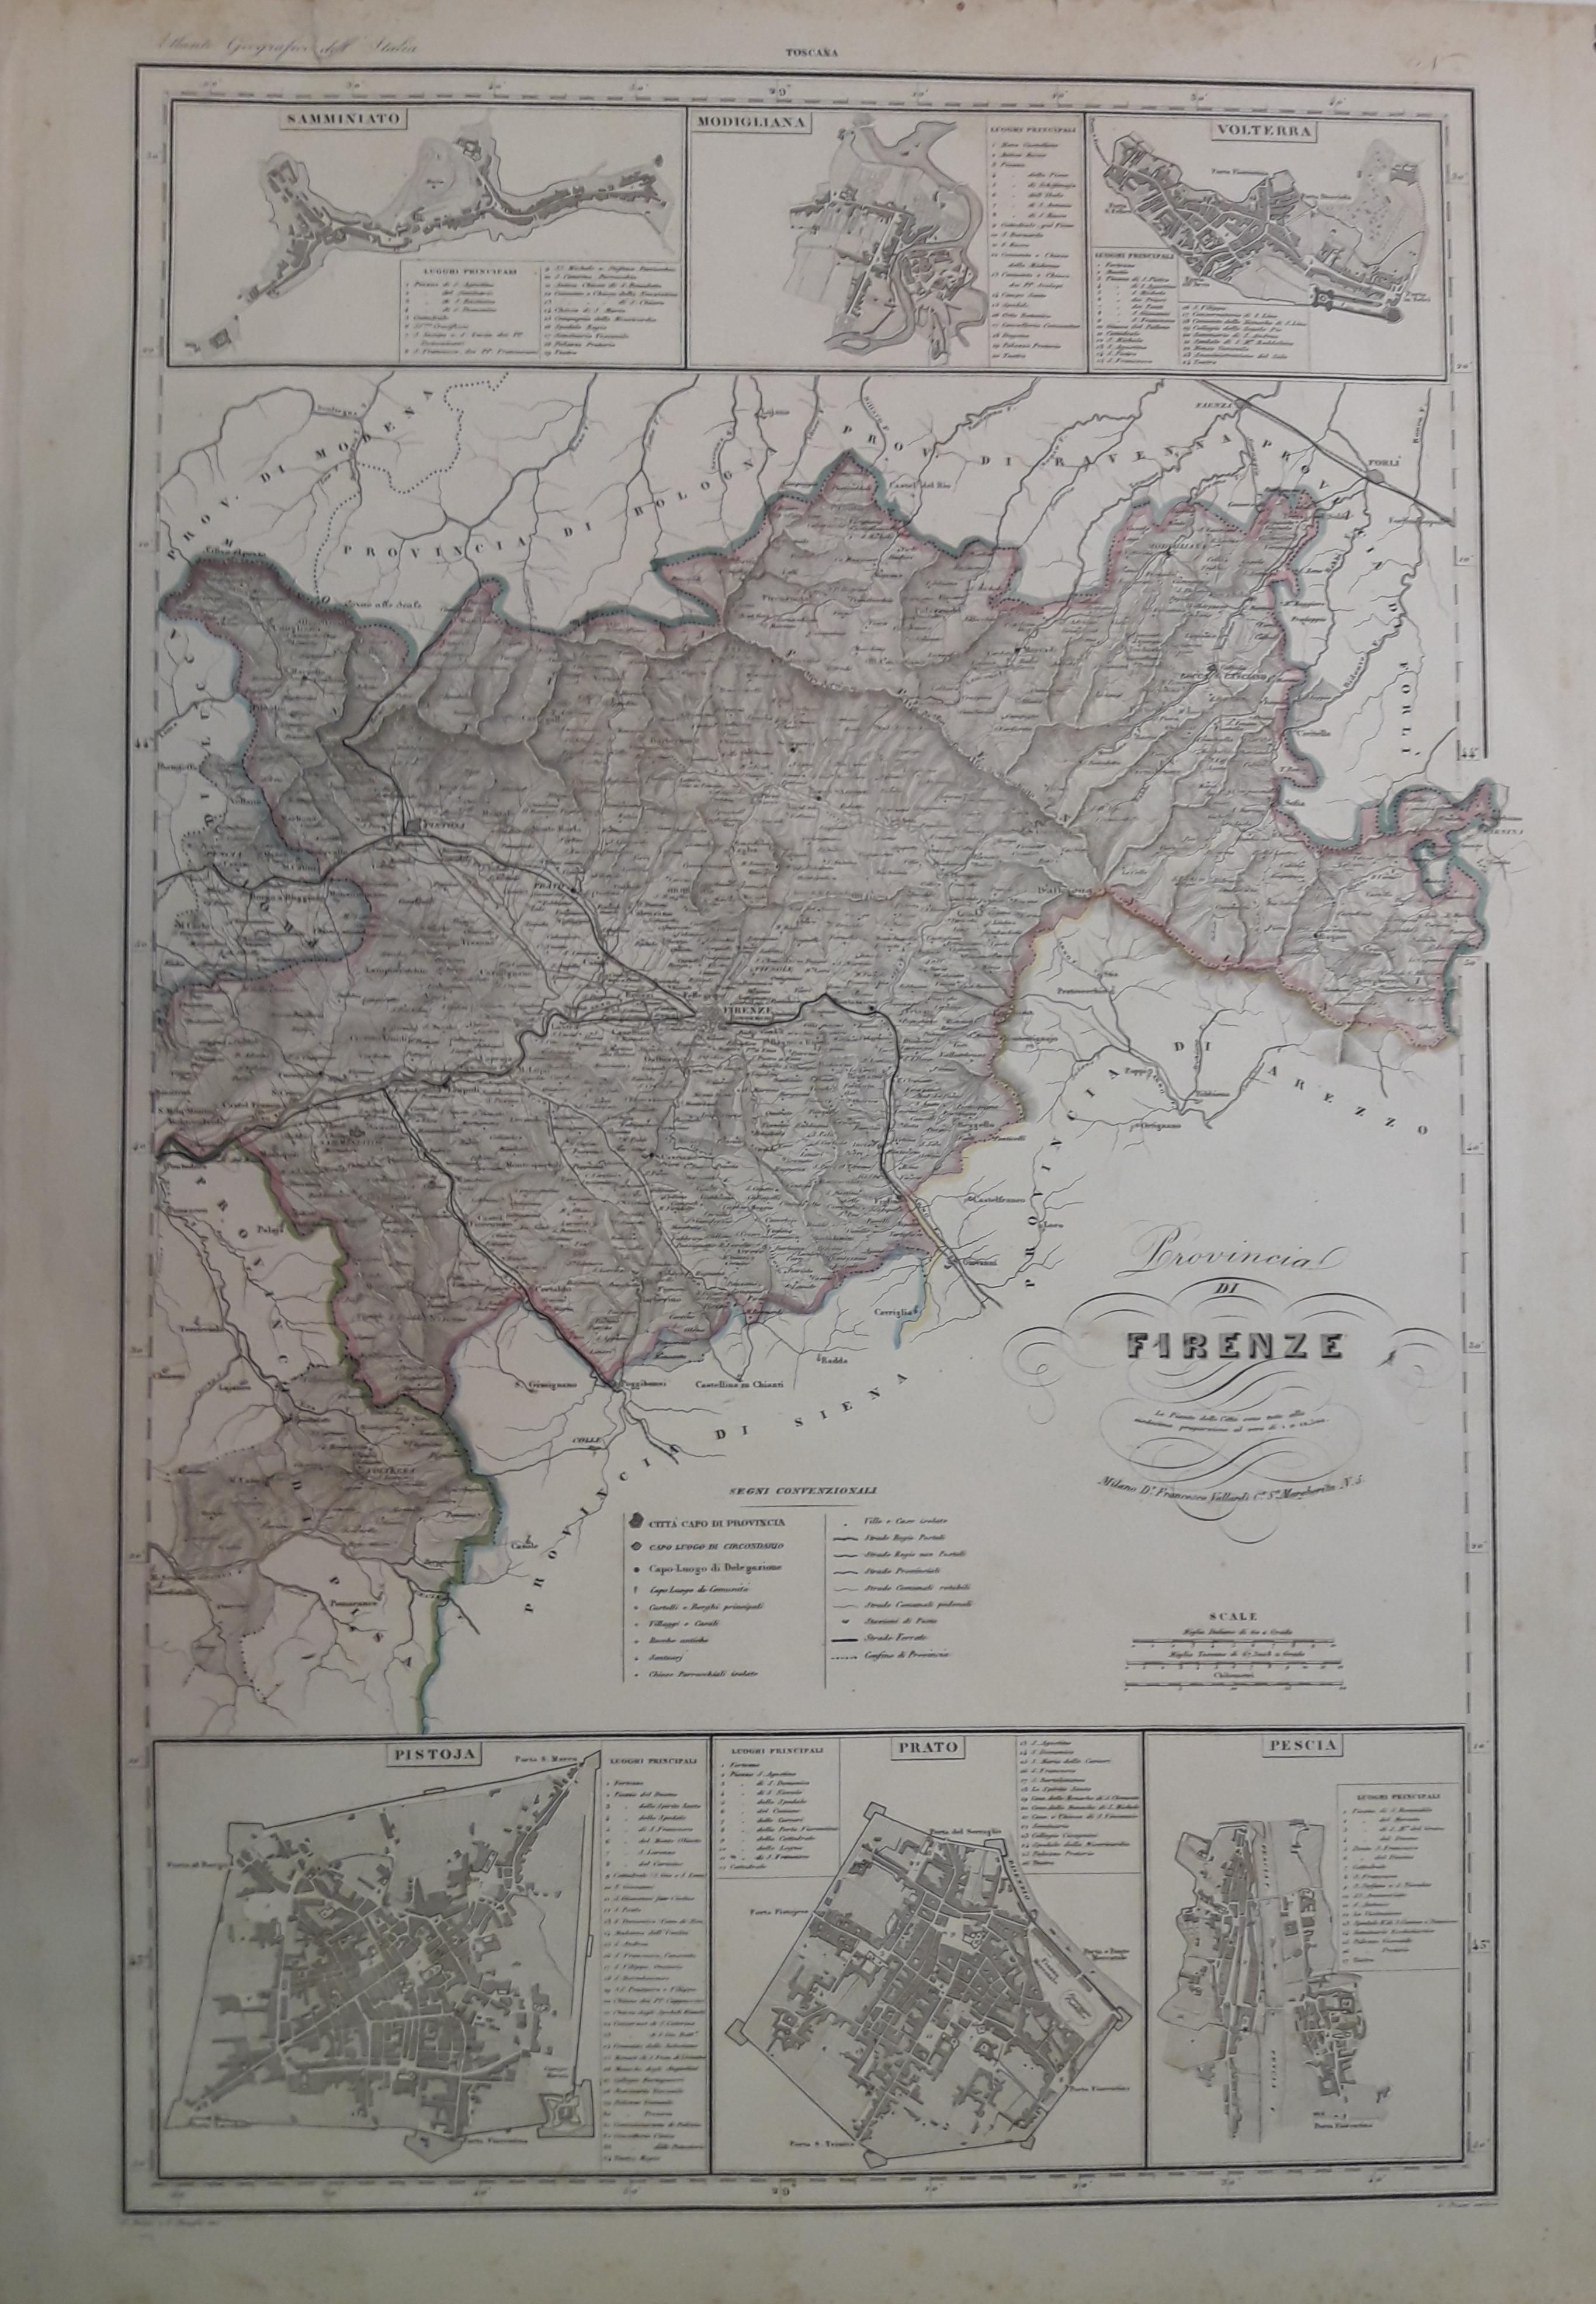 Cartina Geografica Provincia Di Firenze.Provincia Di Firenze Carta Geografica Vallardi 1841